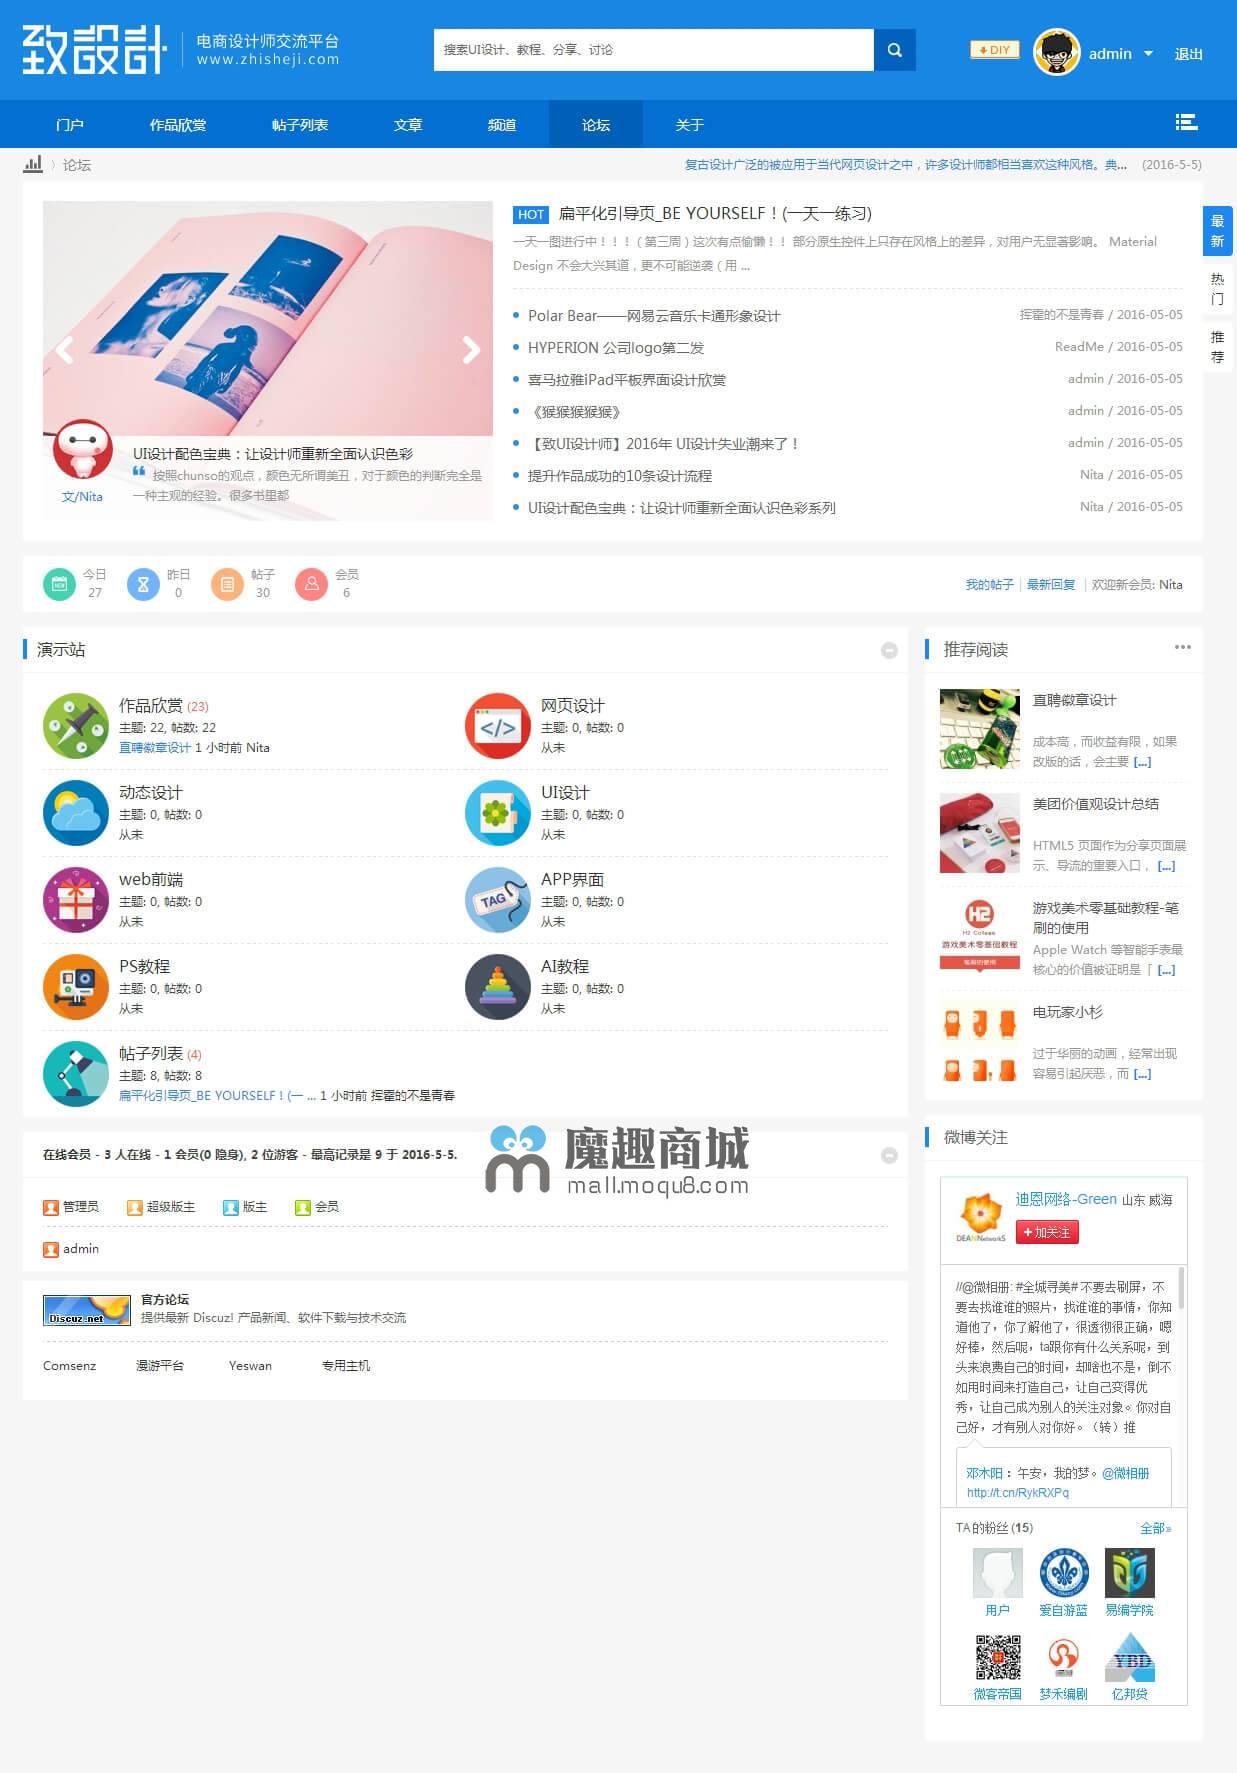 精致UI设计素材图片展示模板GBK+UTF8